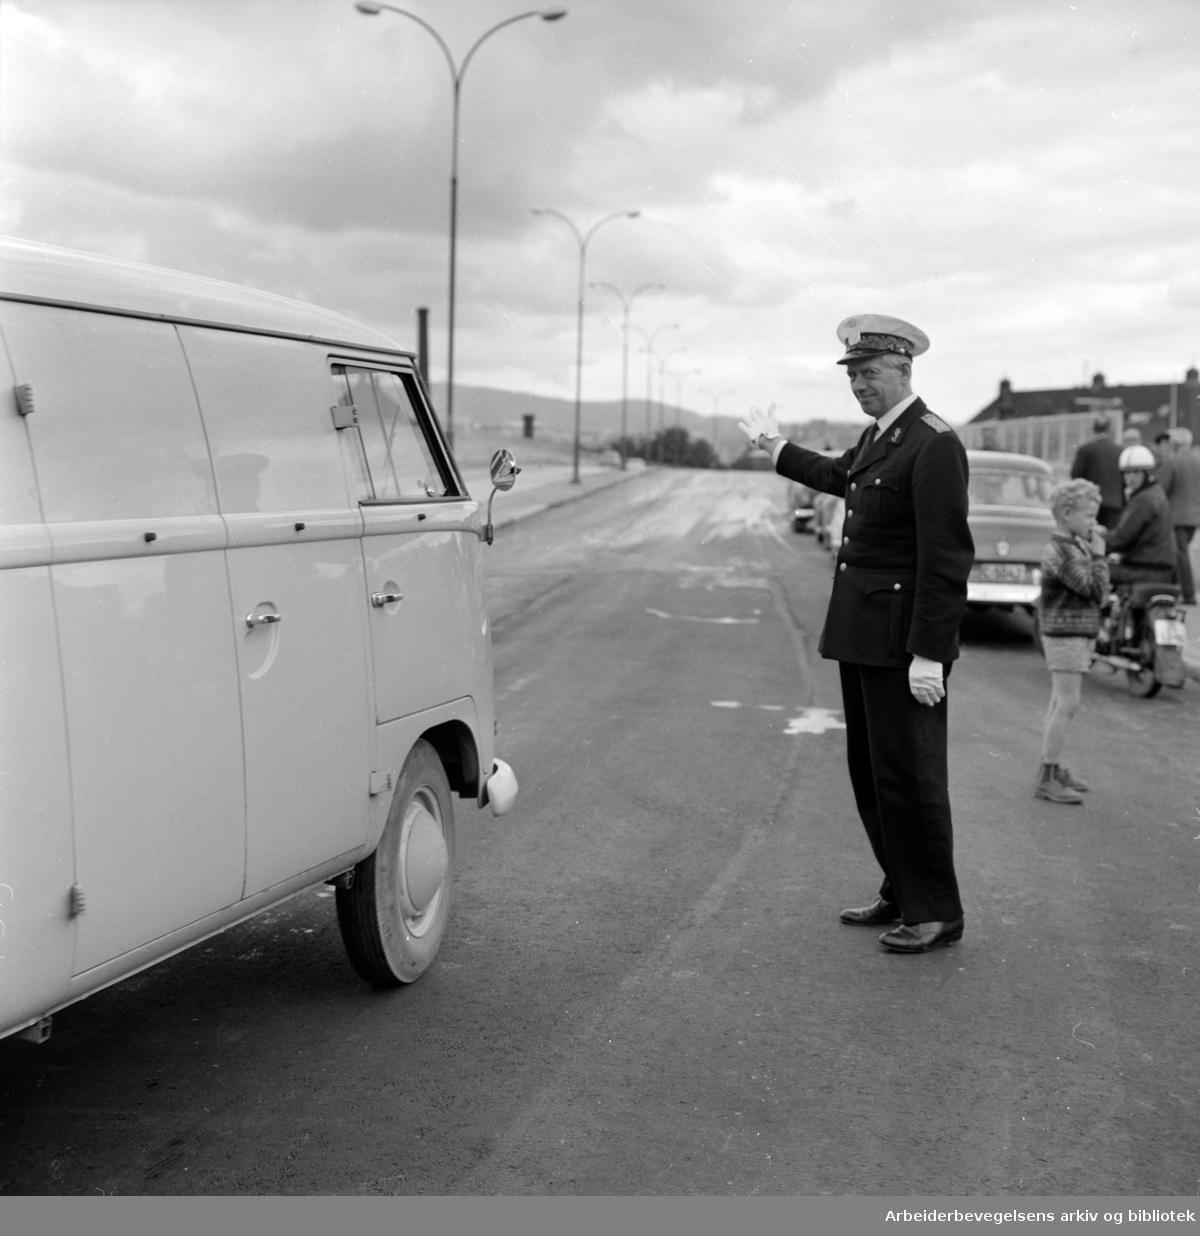 Loengbrua åpnet for fullt. Trafikkinspektør Thorleif Karlsen vinker den første bilen over. Juni 1963